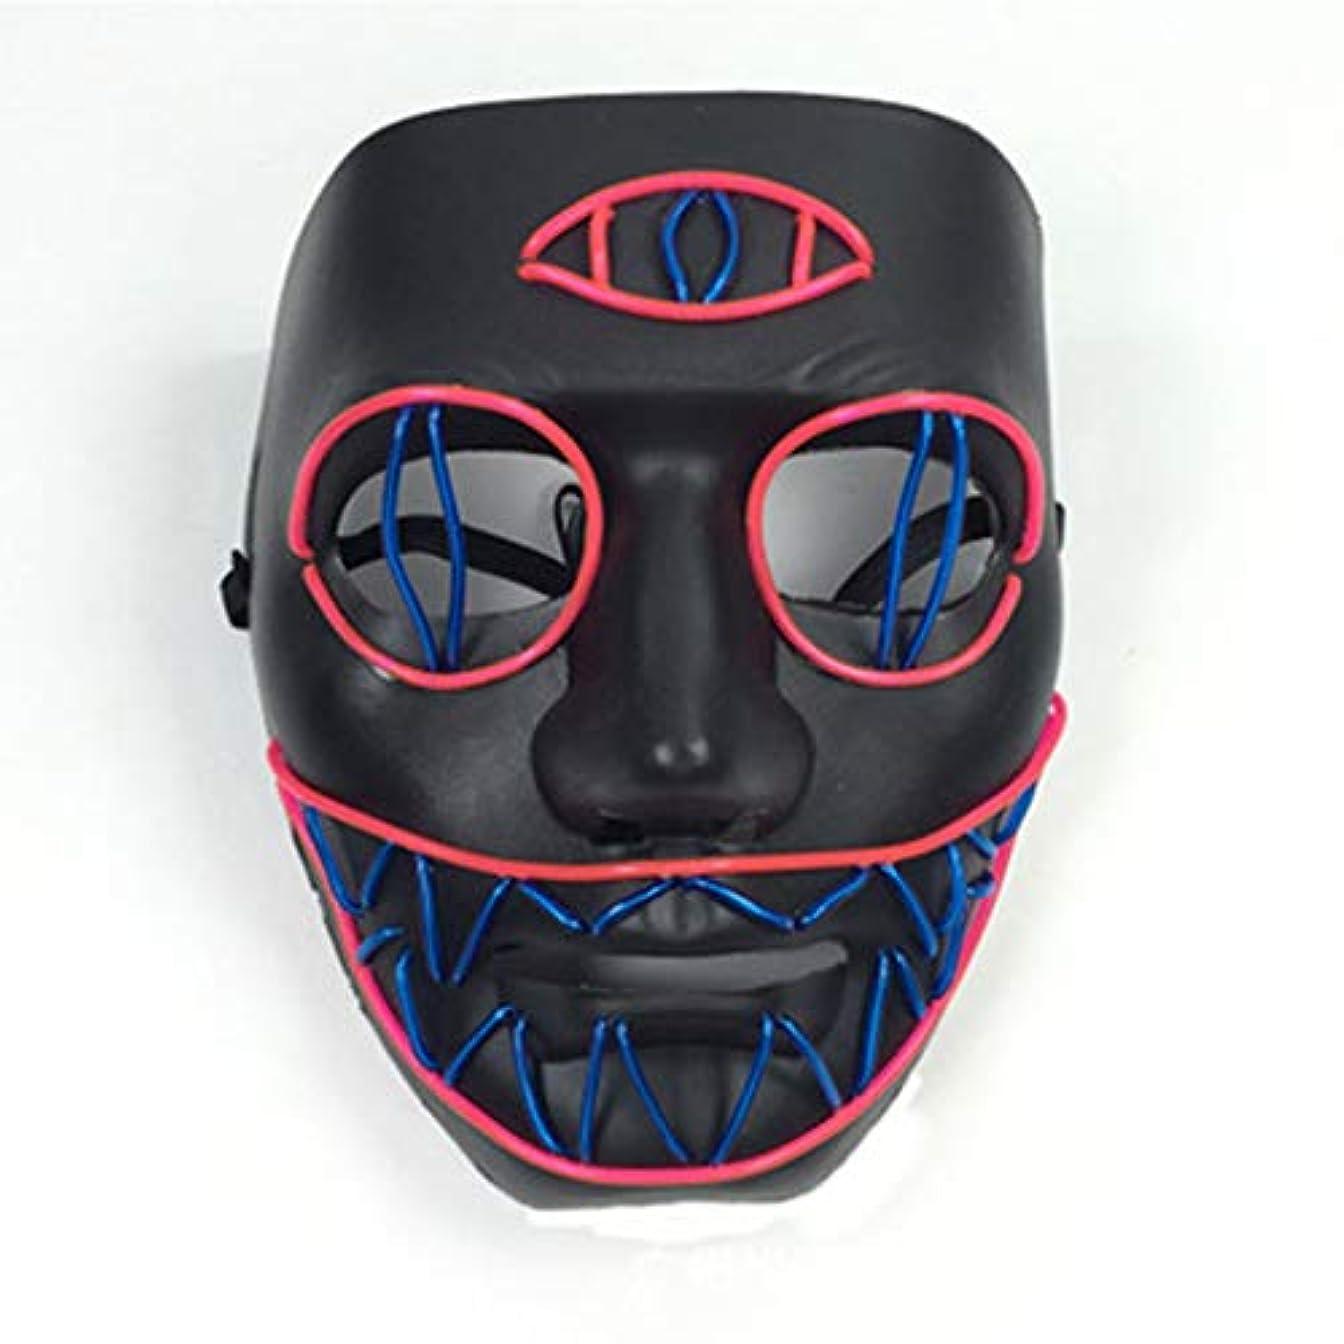 ガチョウインタビュー見捨てるLEDライト怖いマスク、ノベルティハロウィーンコスチュームパーティー不気味な小道具、安全なELワイヤーPVC DJマスクLED